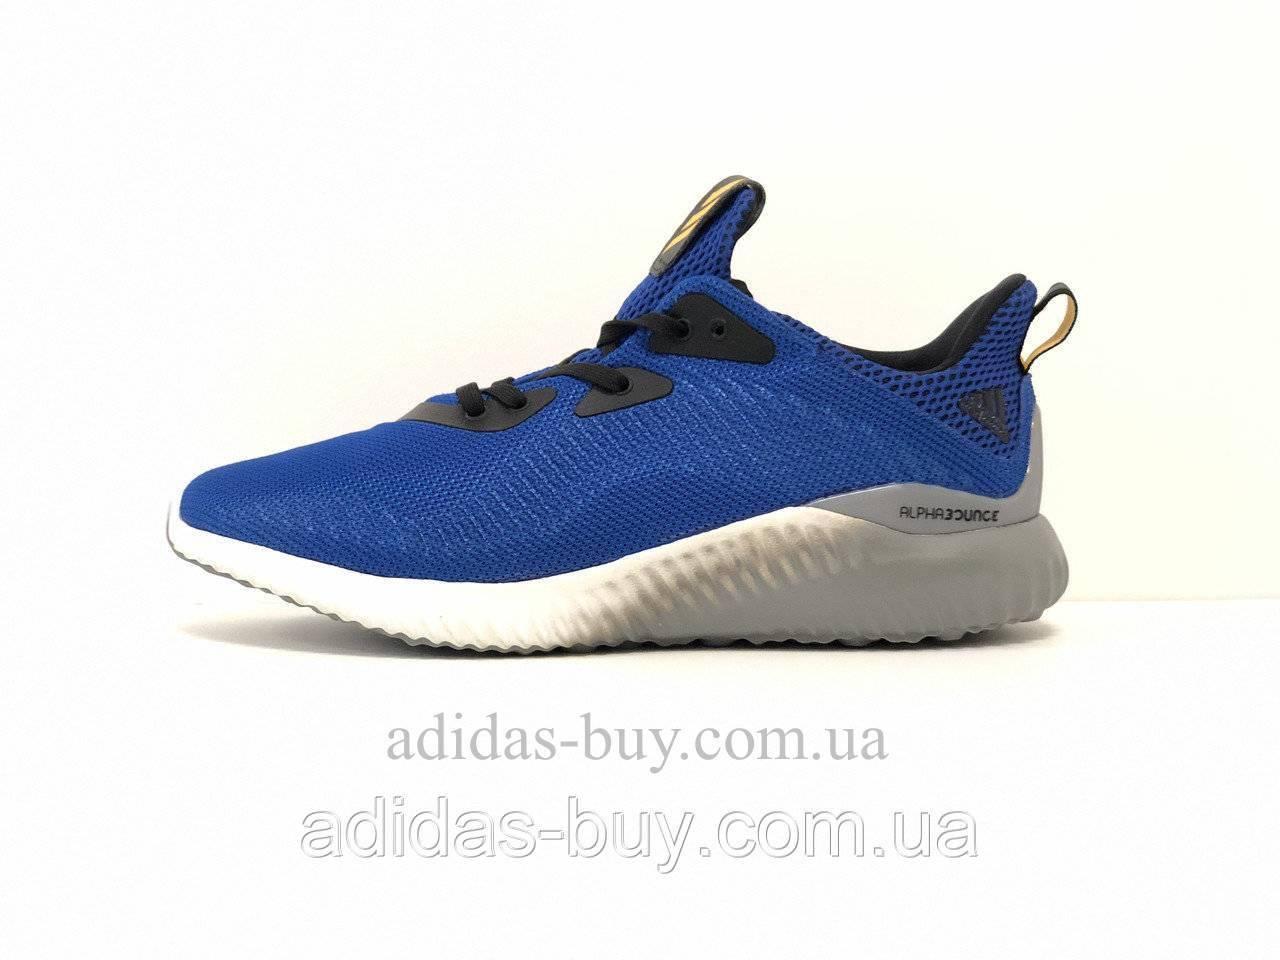 Кроссовки мужские оригинал Adidas alphabounce m BB9037 для бега и повседневные цвет: синий